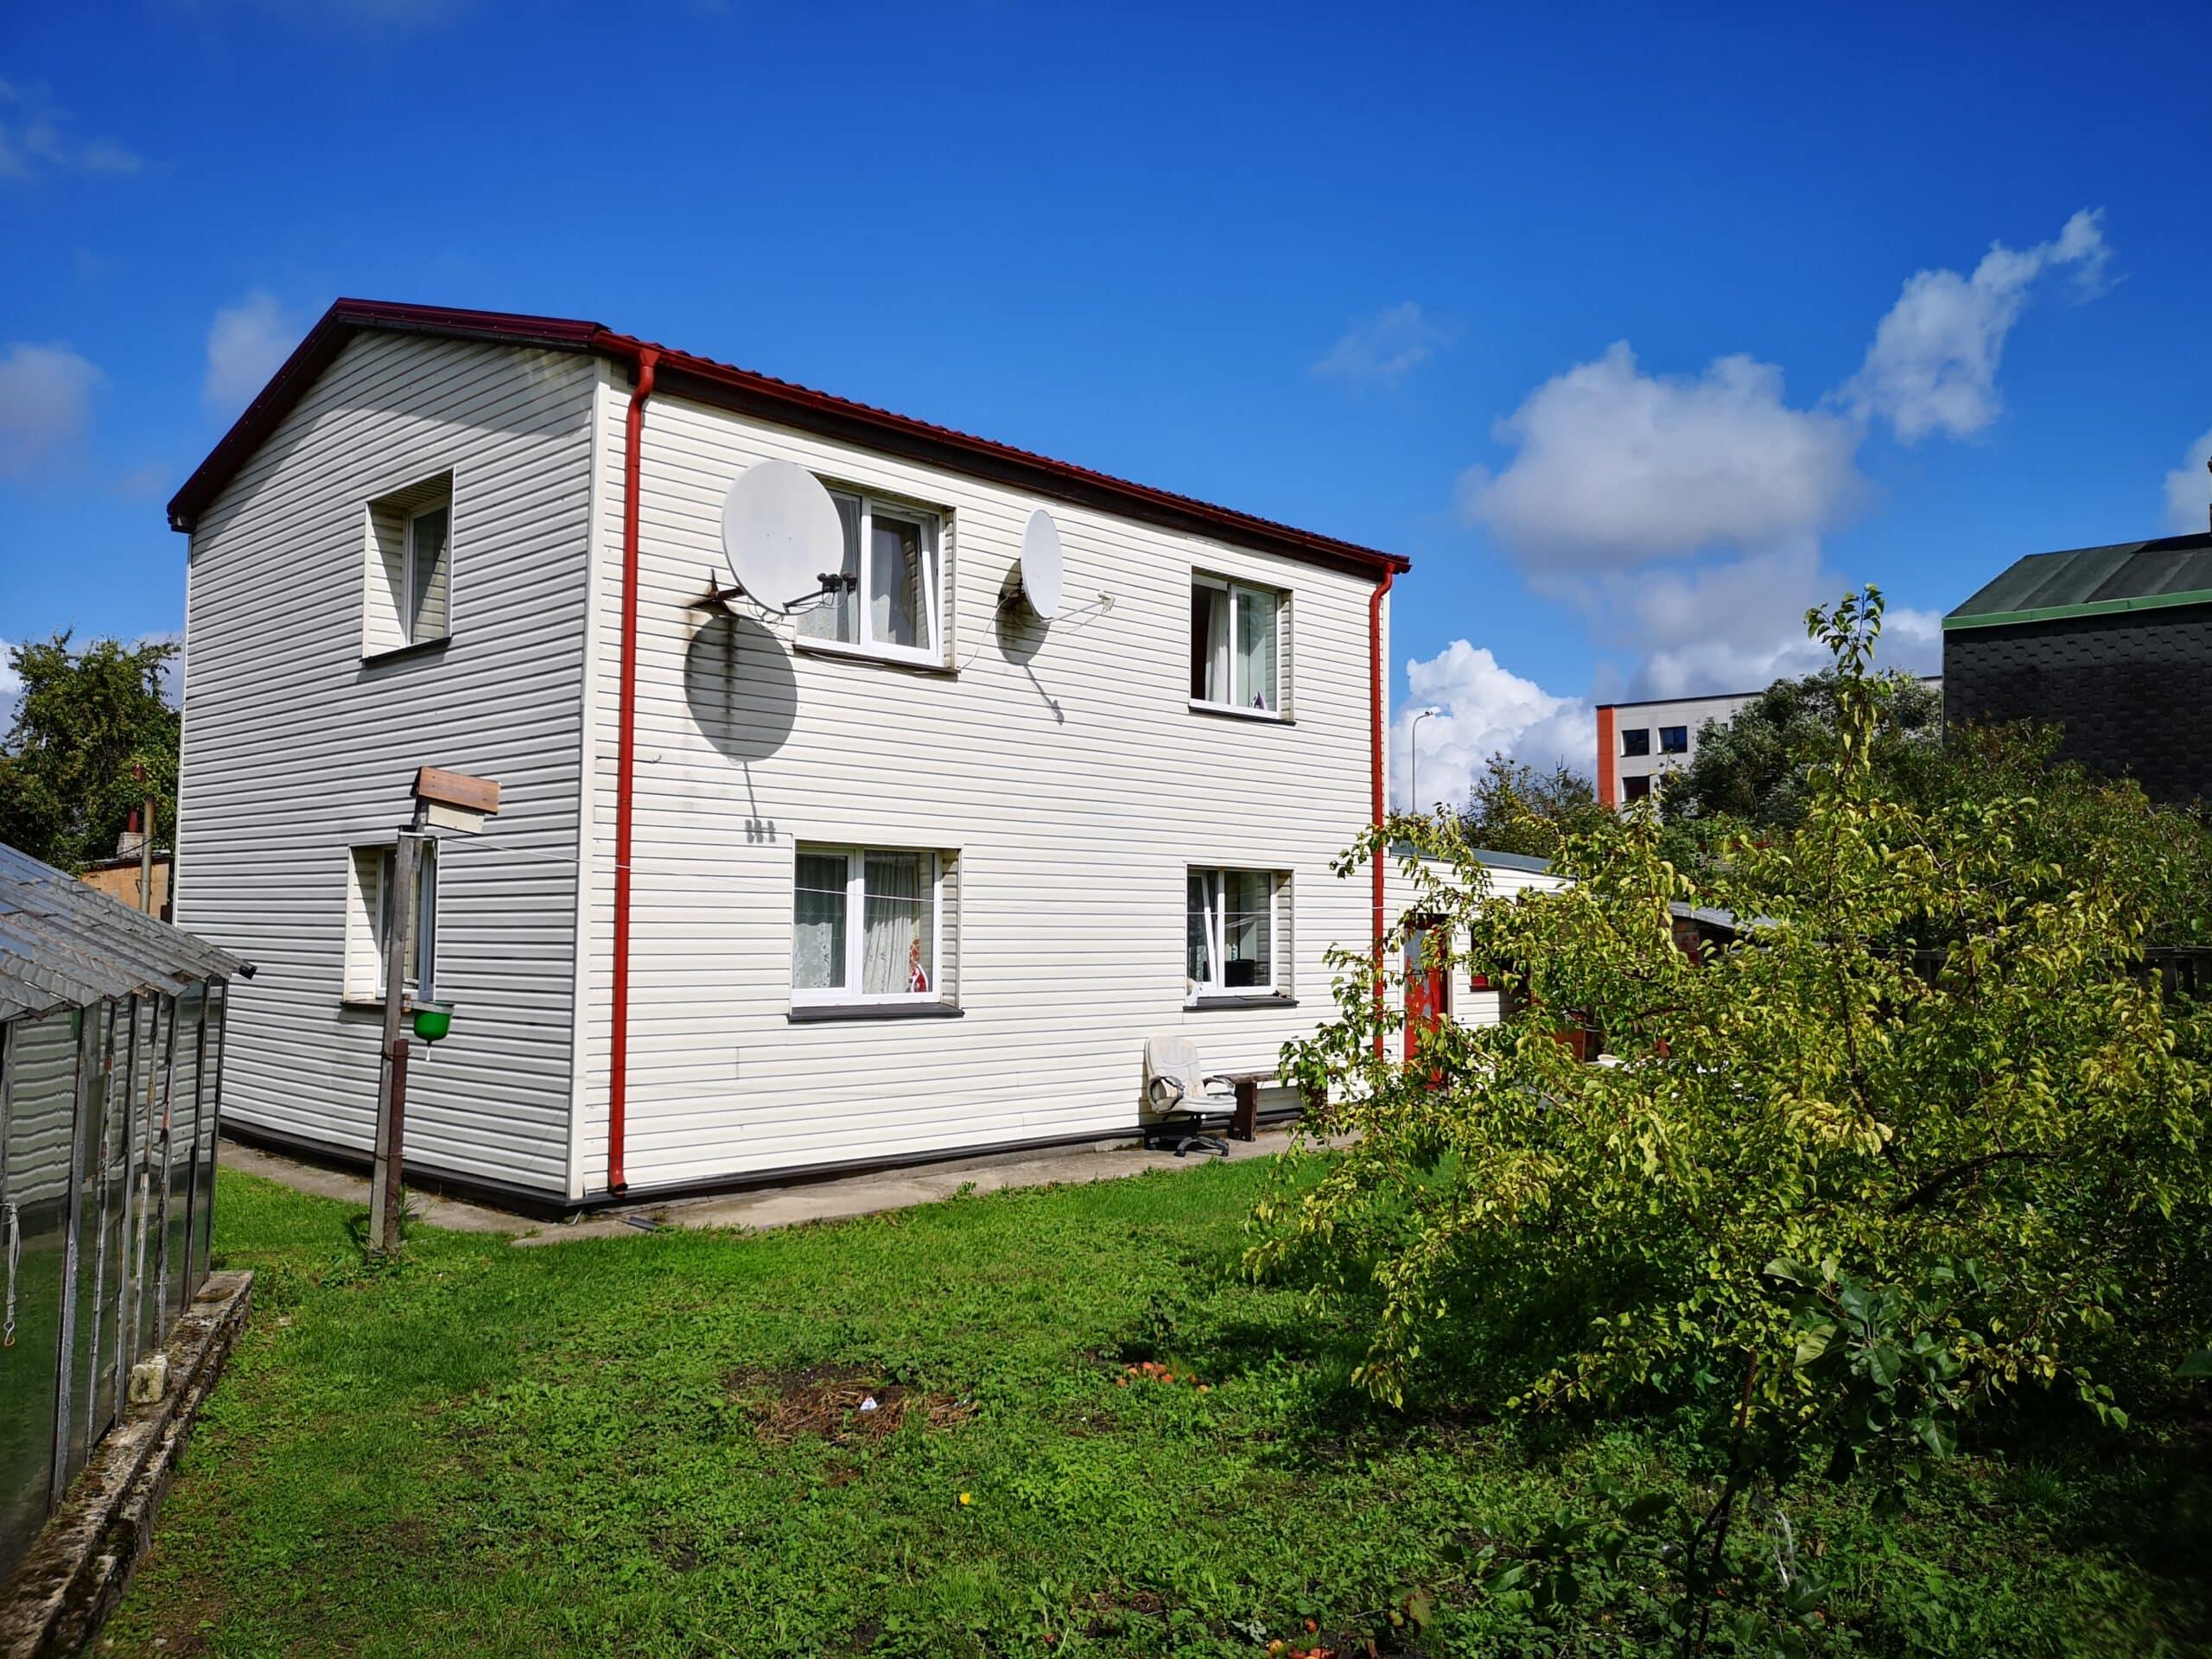 (Latviešu) Pārdod divstāvu māju ar zemi Laumas rajonā, Liepājā. ID: 339